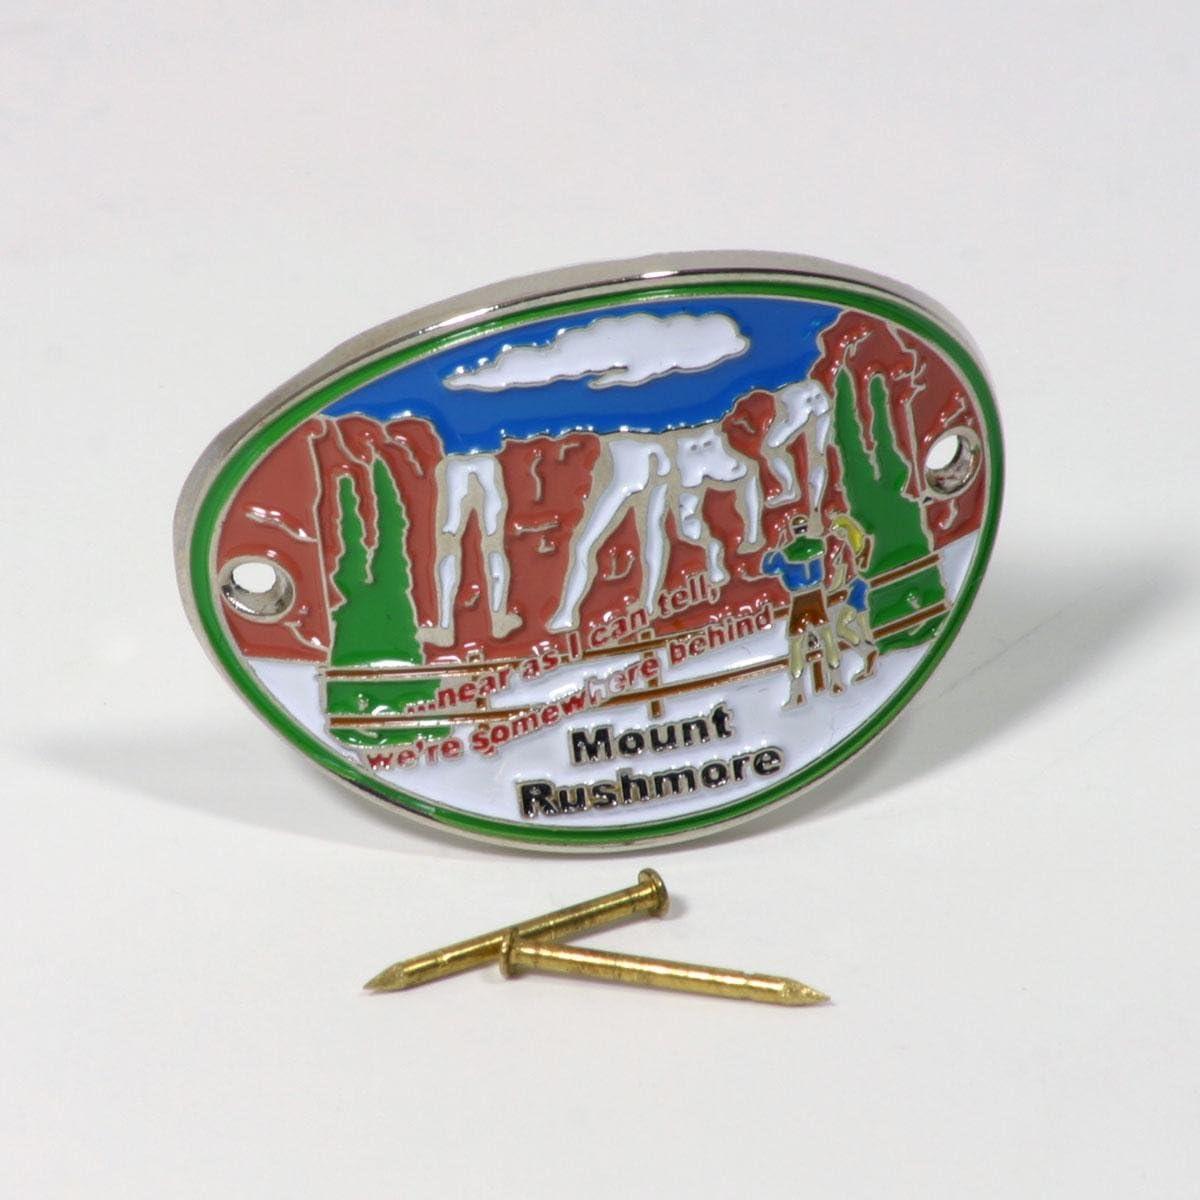 Mount Rushmore Walking Stick Hiking Medallion